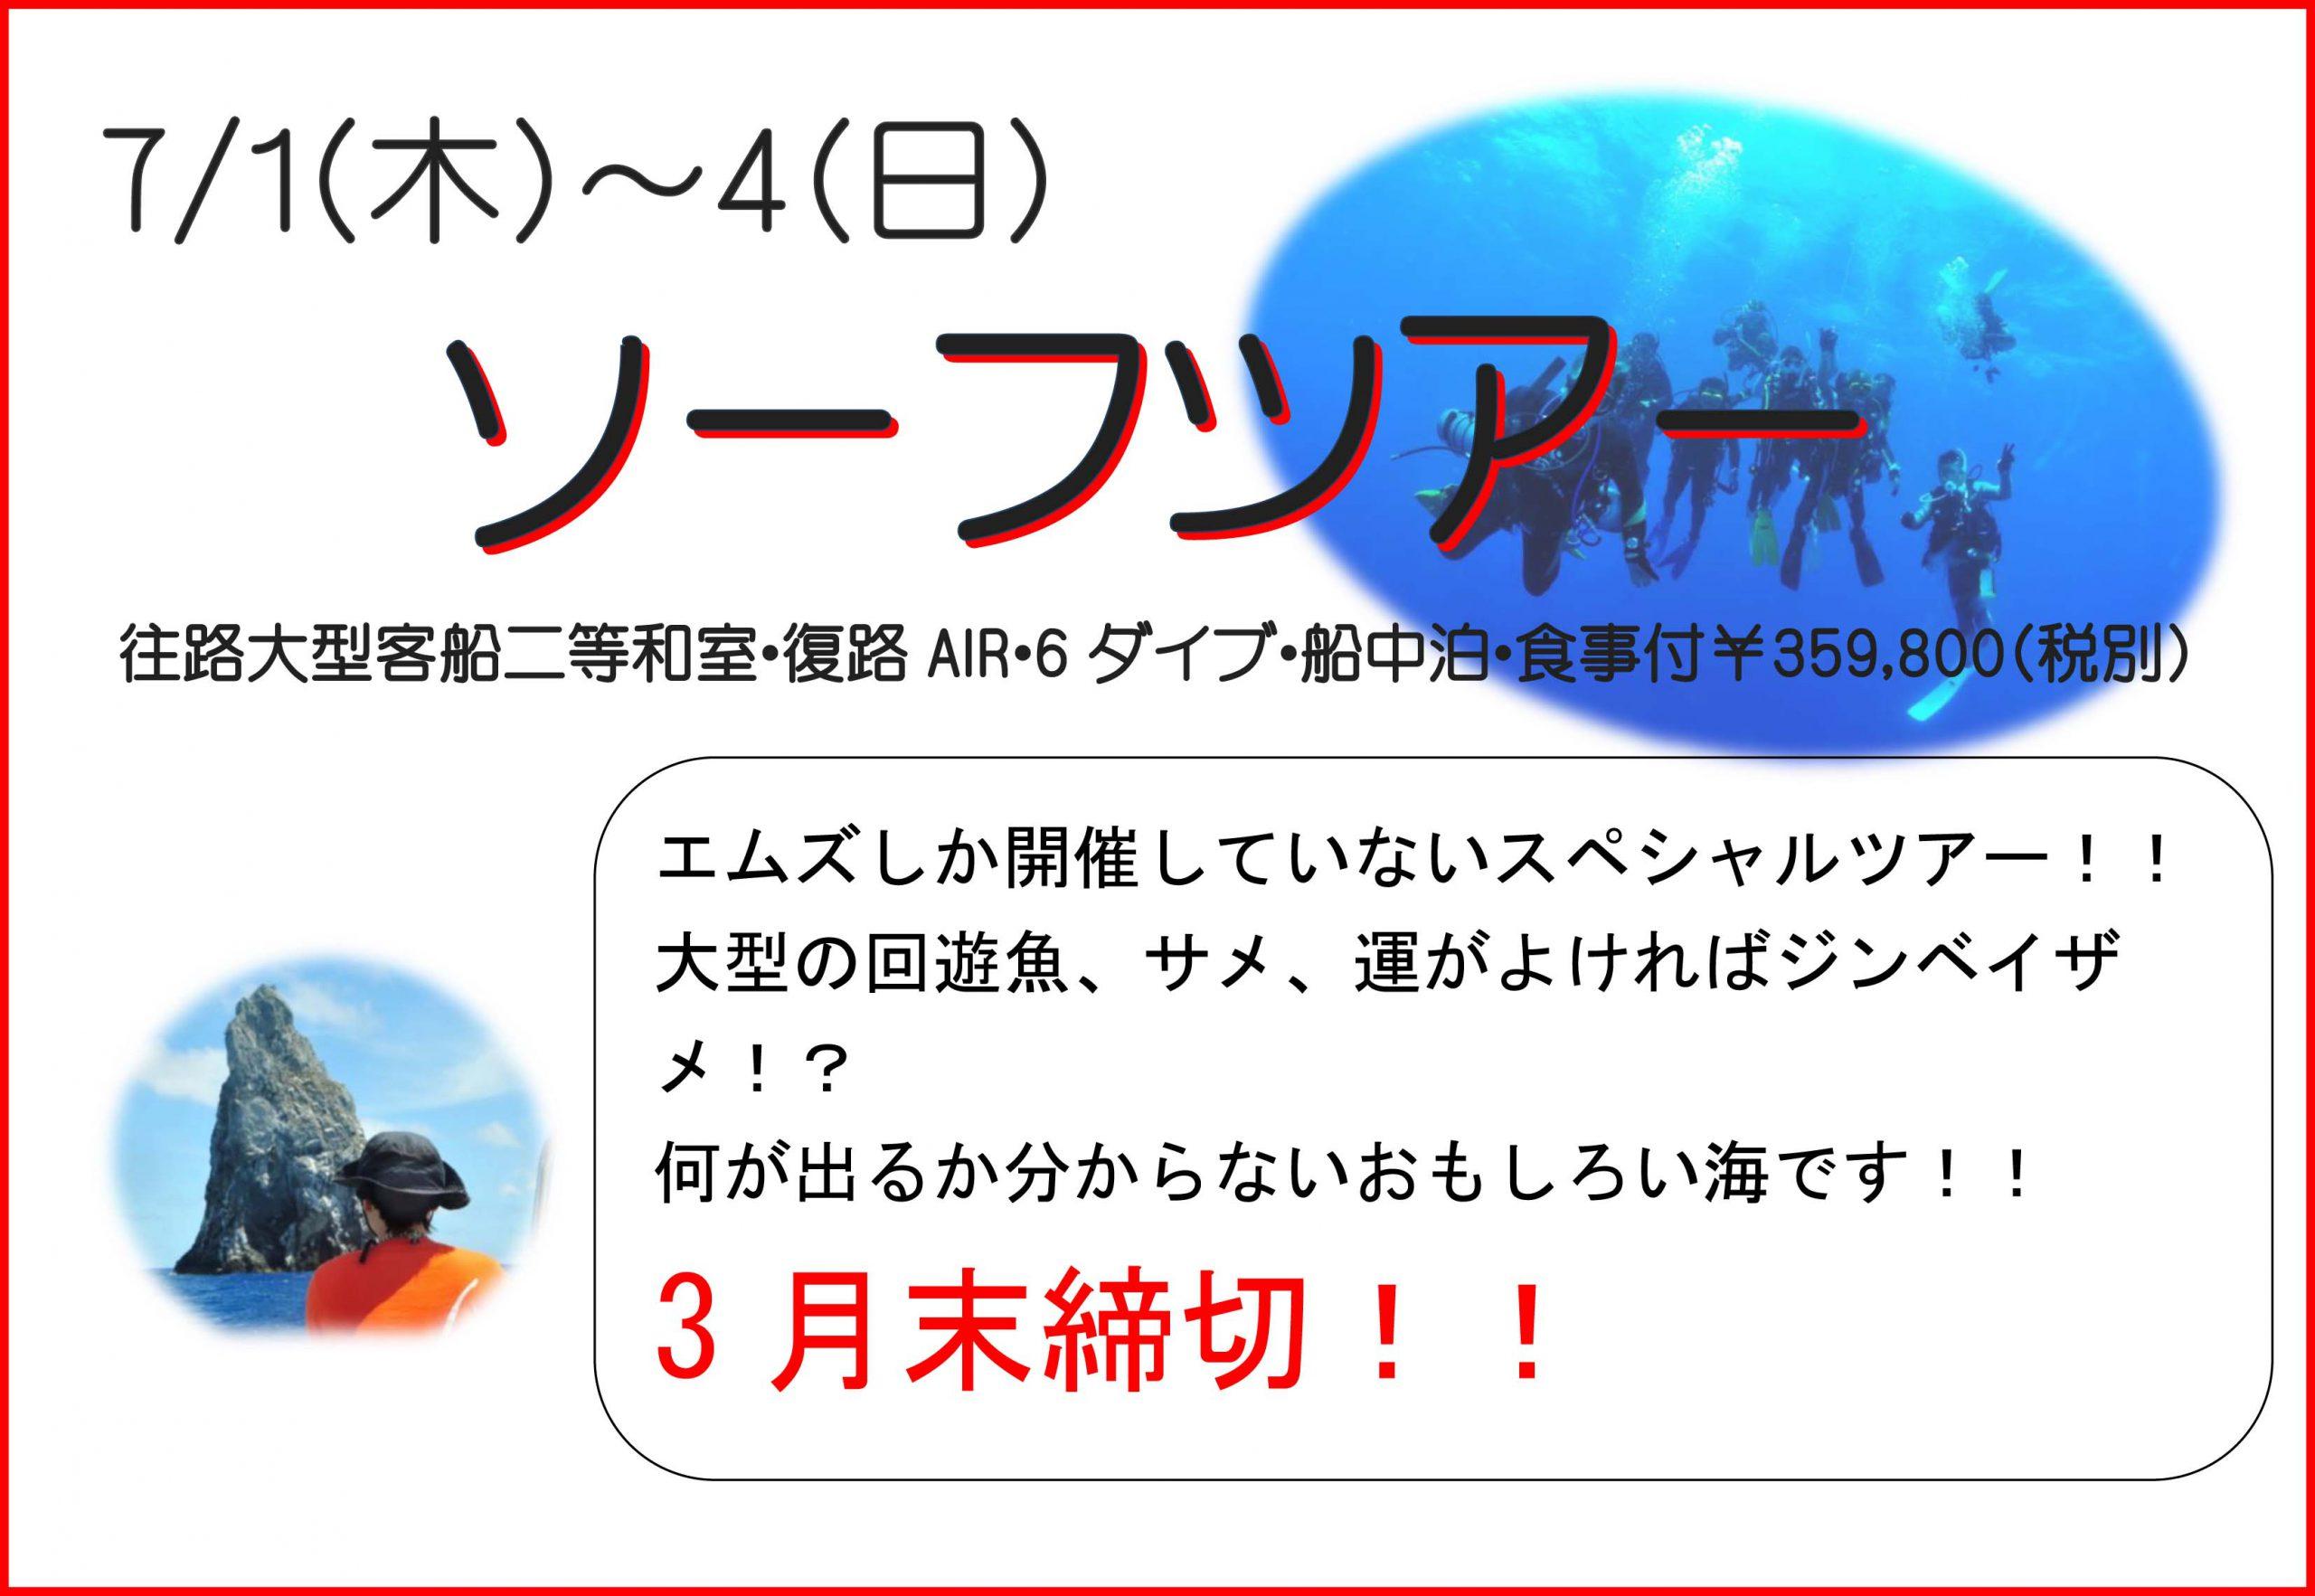 7/1(木)~4(日)ソーフツアー